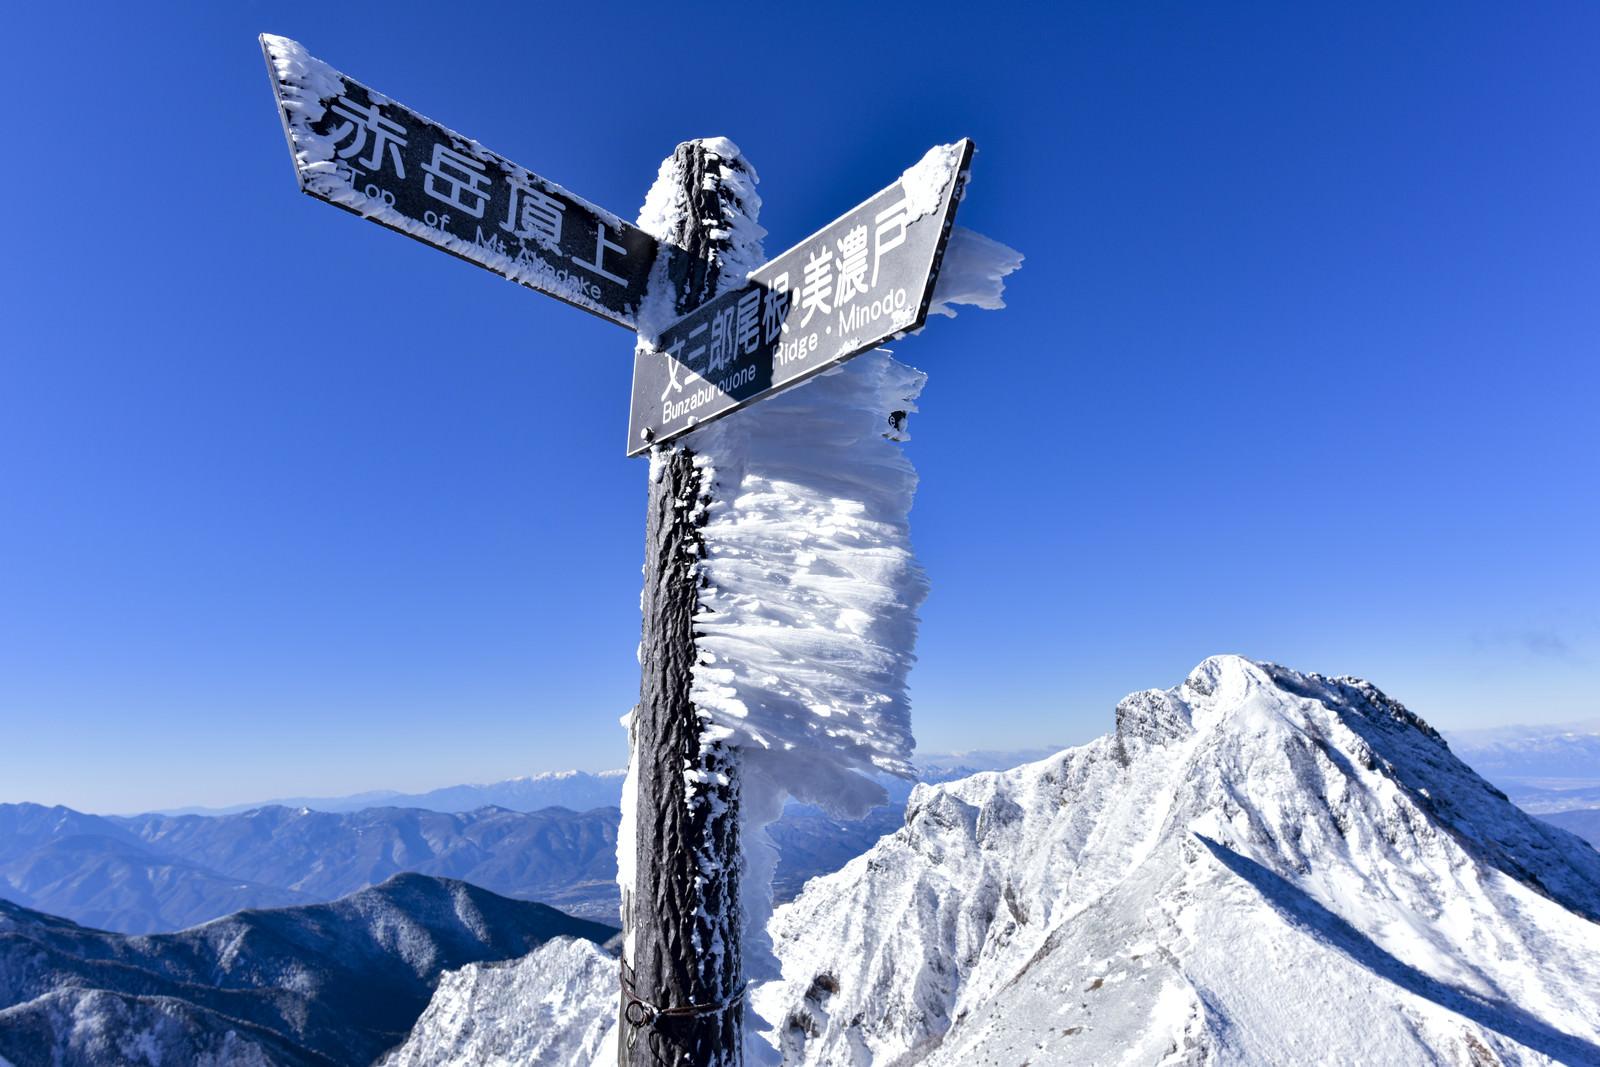 「冬の文三郎尾根稜線に立つ指導標」の写真